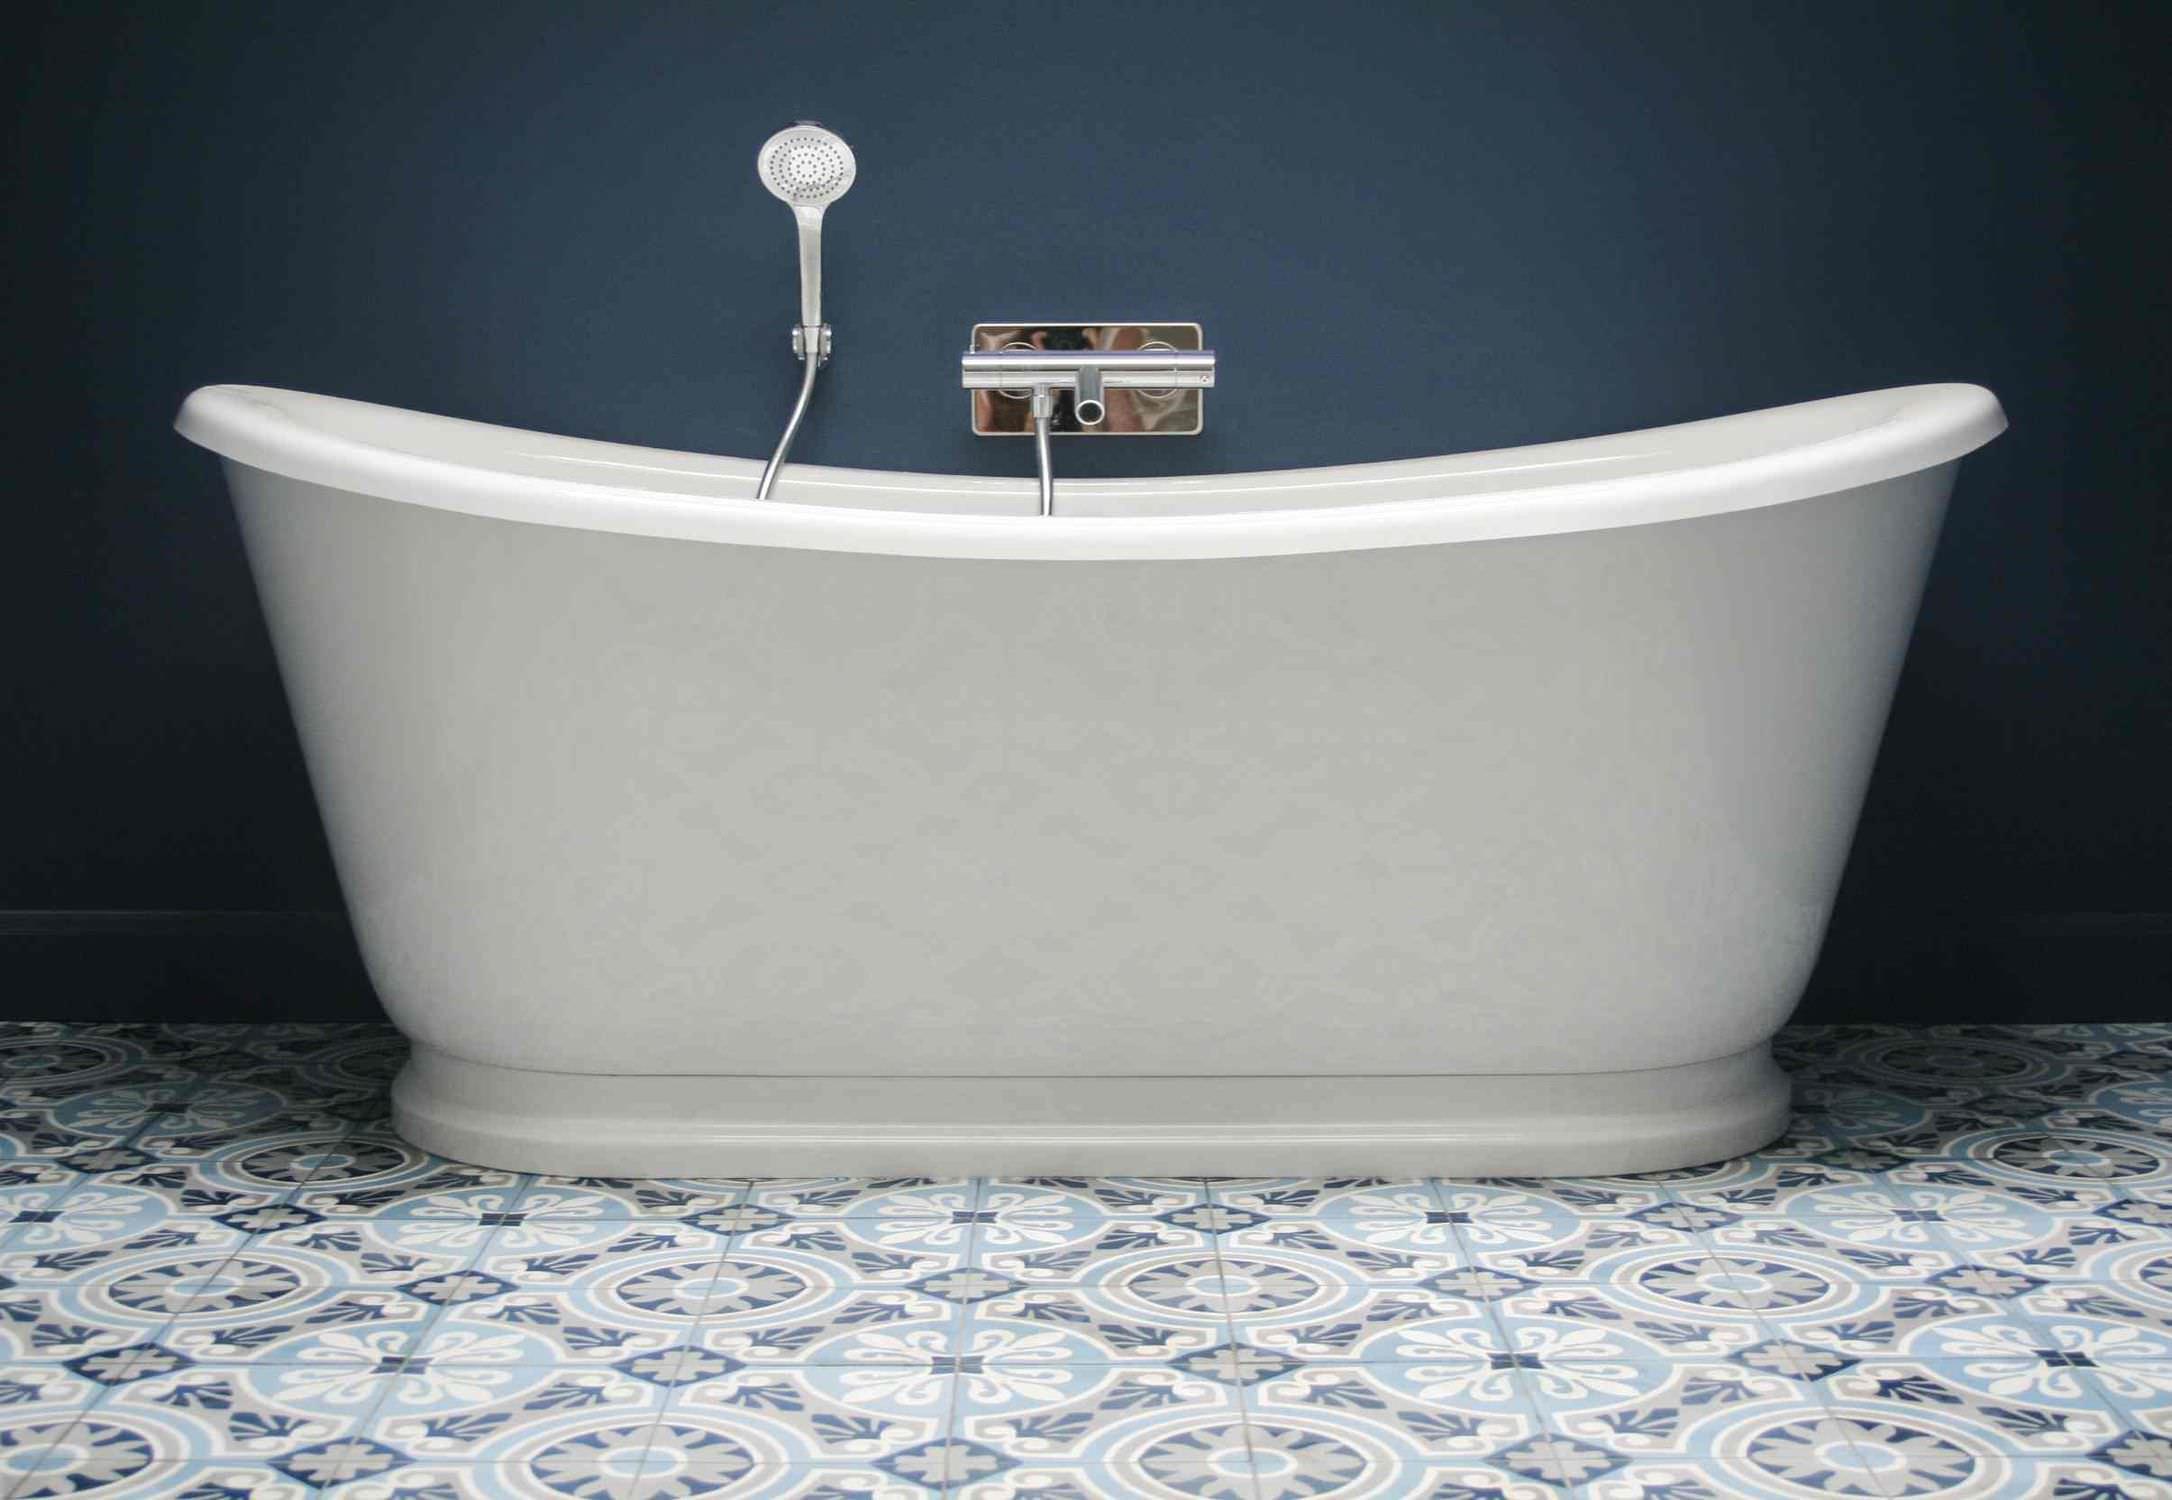 Carrelage de salle de bain / de sol / en ciment / motif Victorien ...